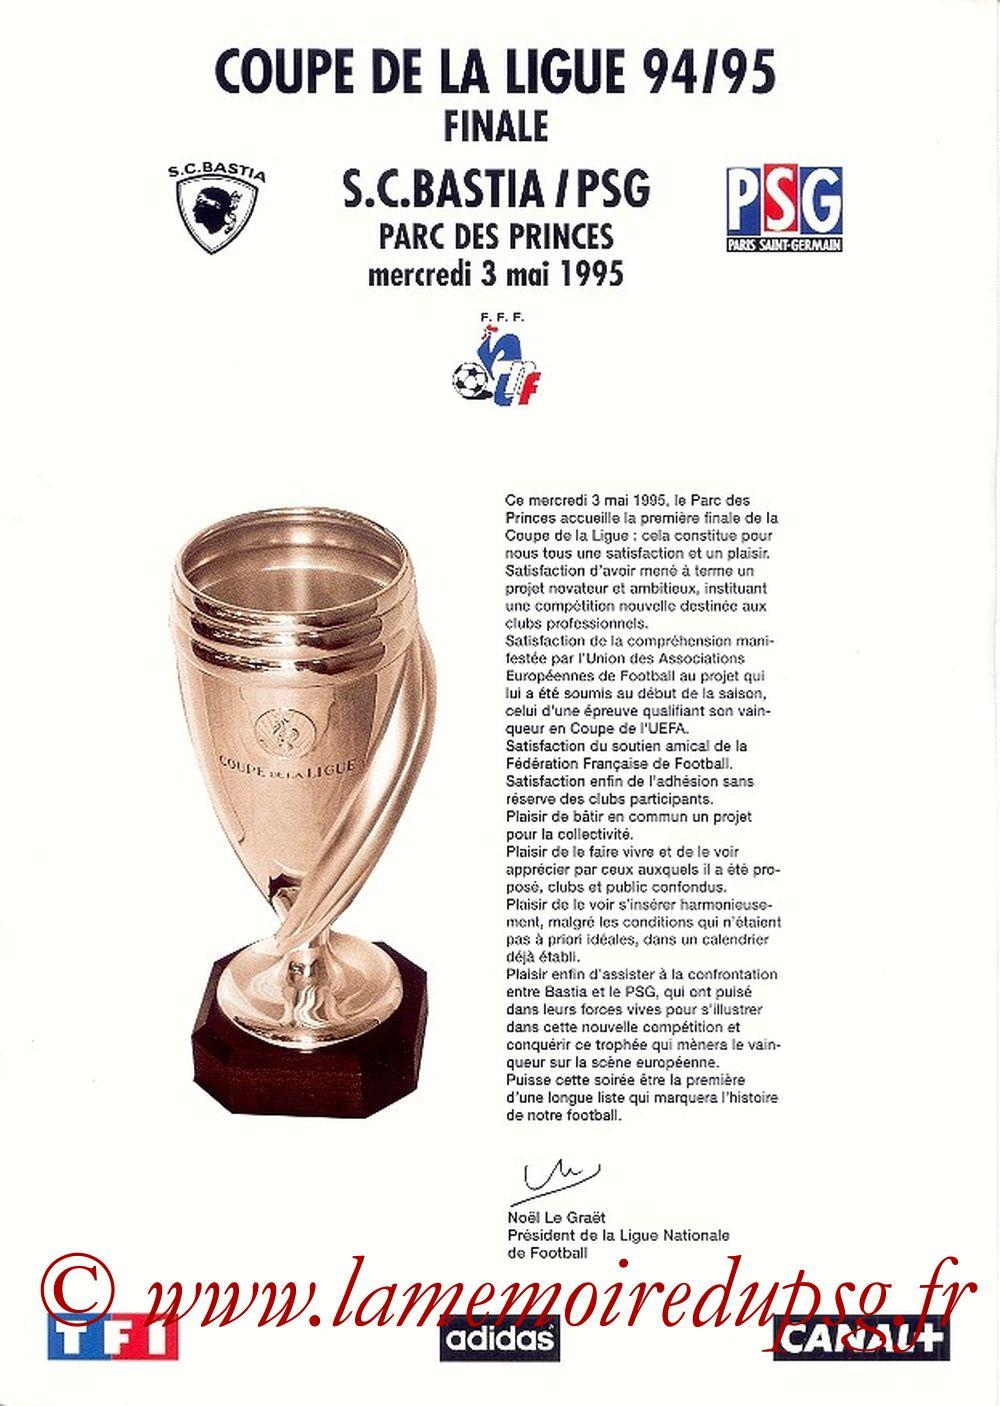 1995-05-03  PSG-Bastia (Finale CL au Parc des Princes, Officiel LNF)